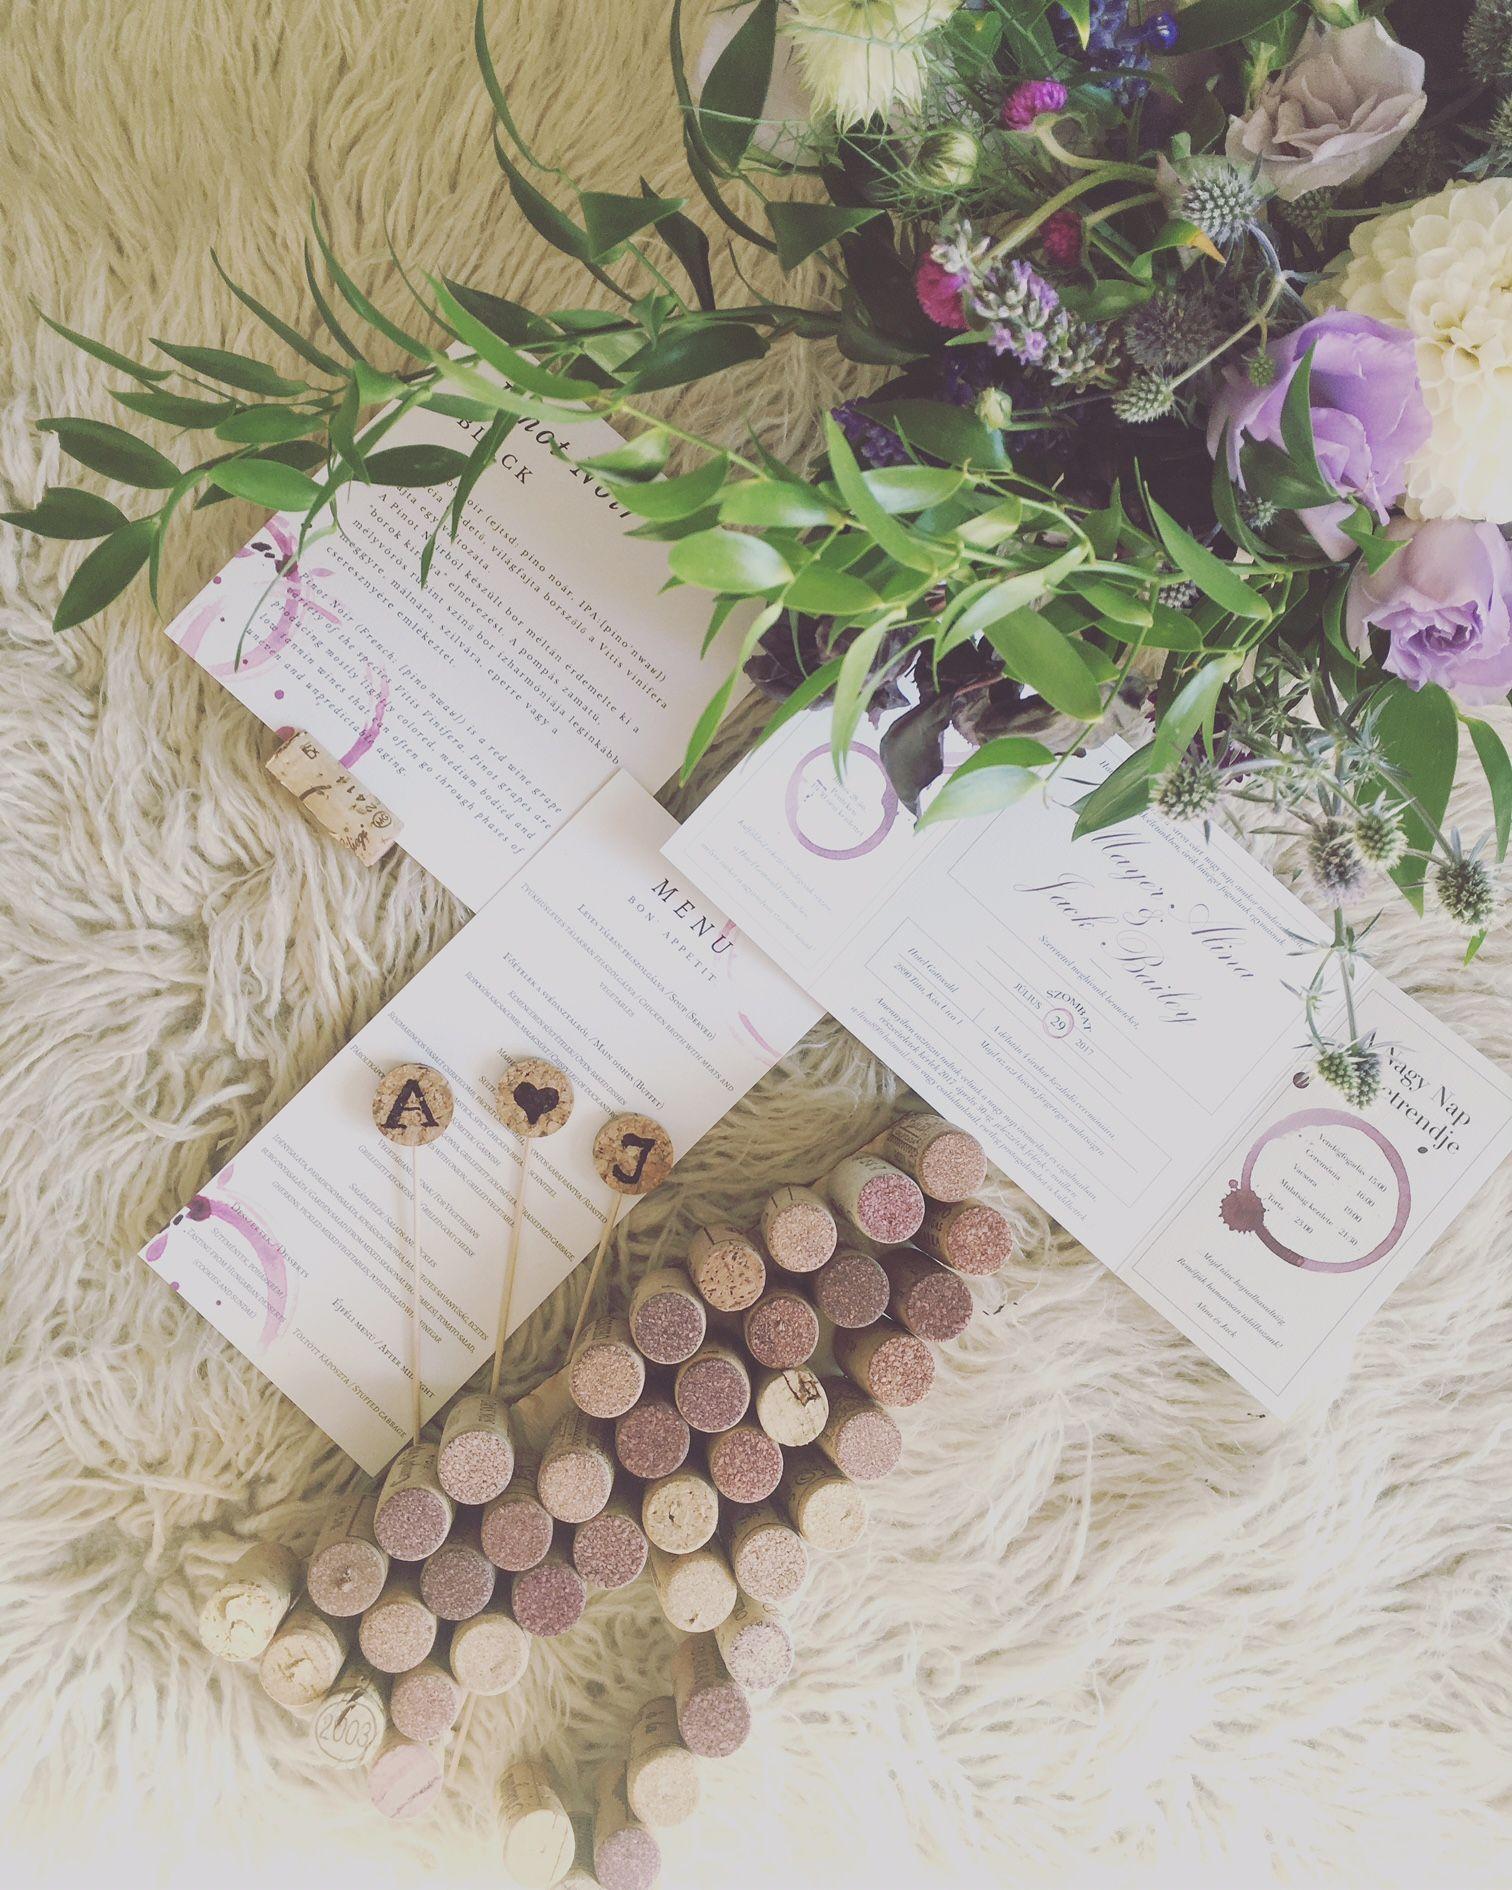 boros esküvő, esküvői meghívó, bor, wine themed wedding, wedding ...